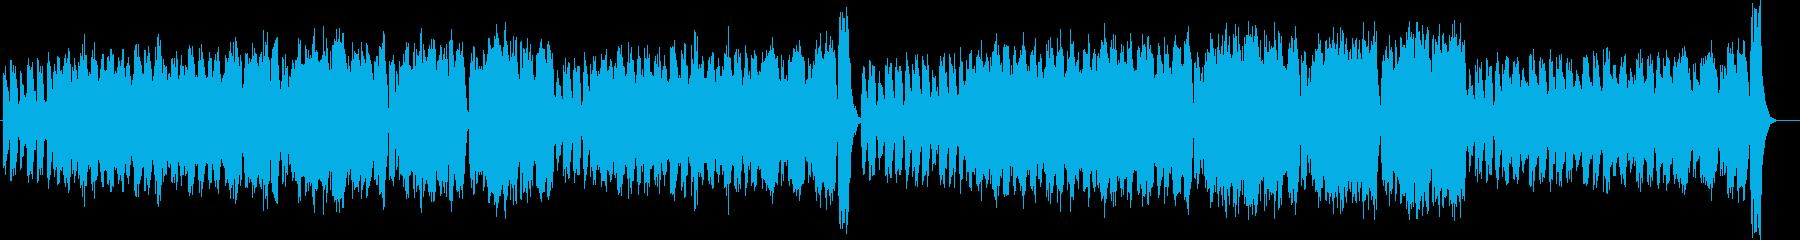 怪しく軽快で楽しいアニメ調の曲の再生済みの波形